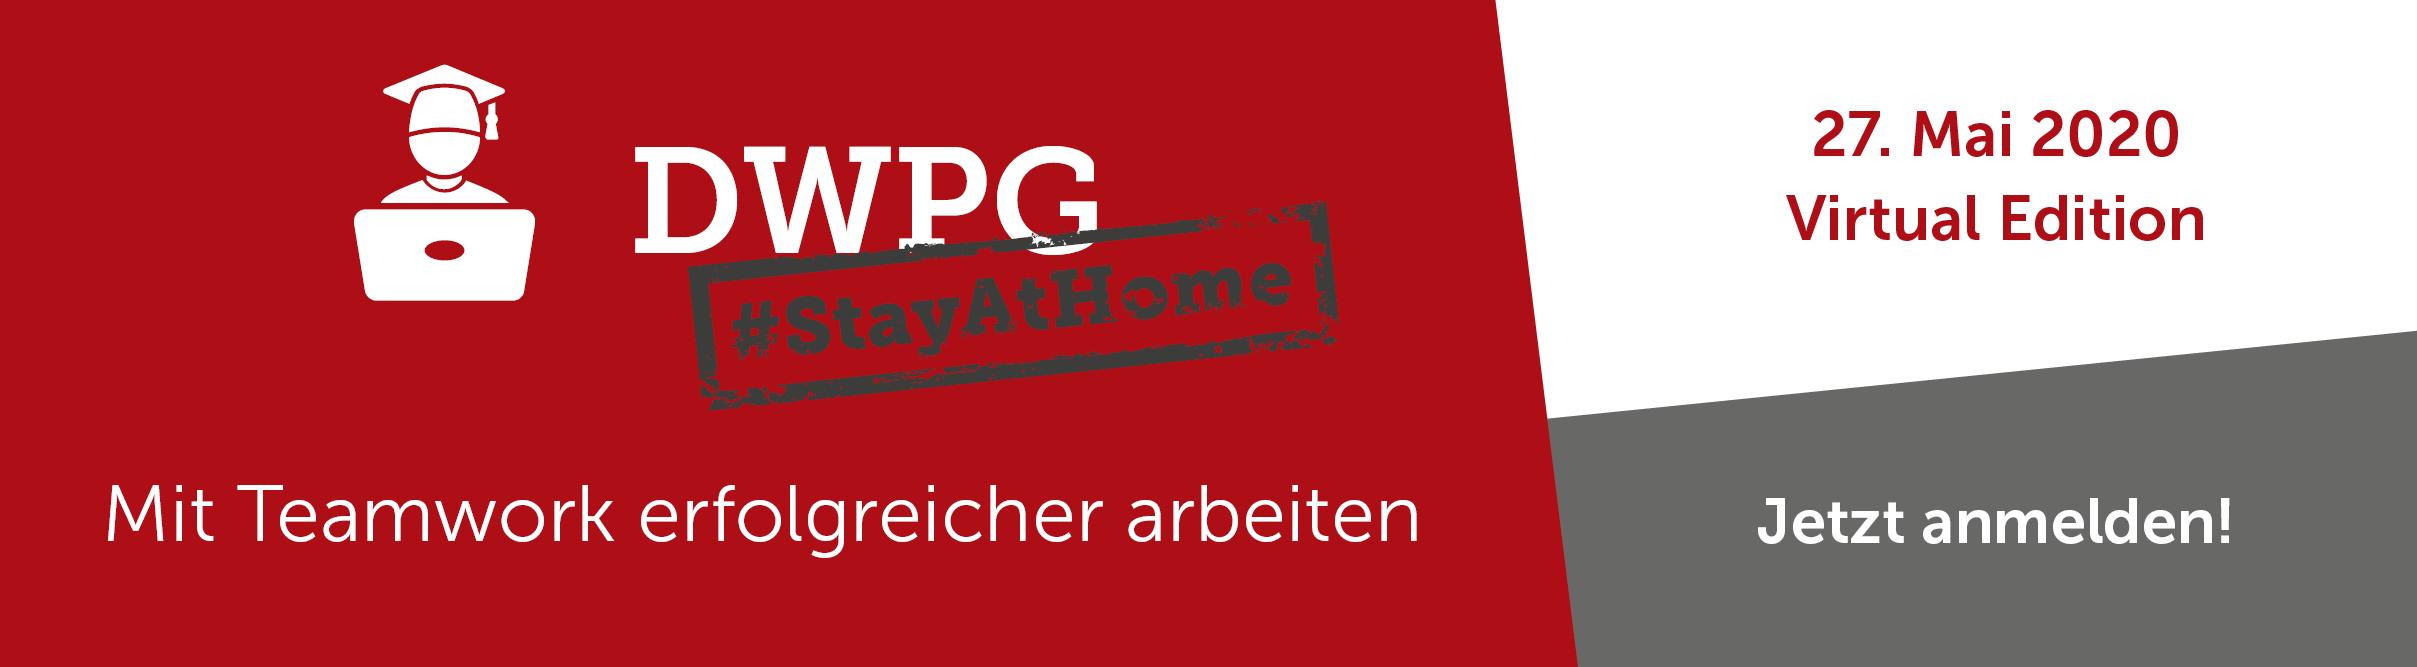 Zur DWPG Virtual Edition anmelden